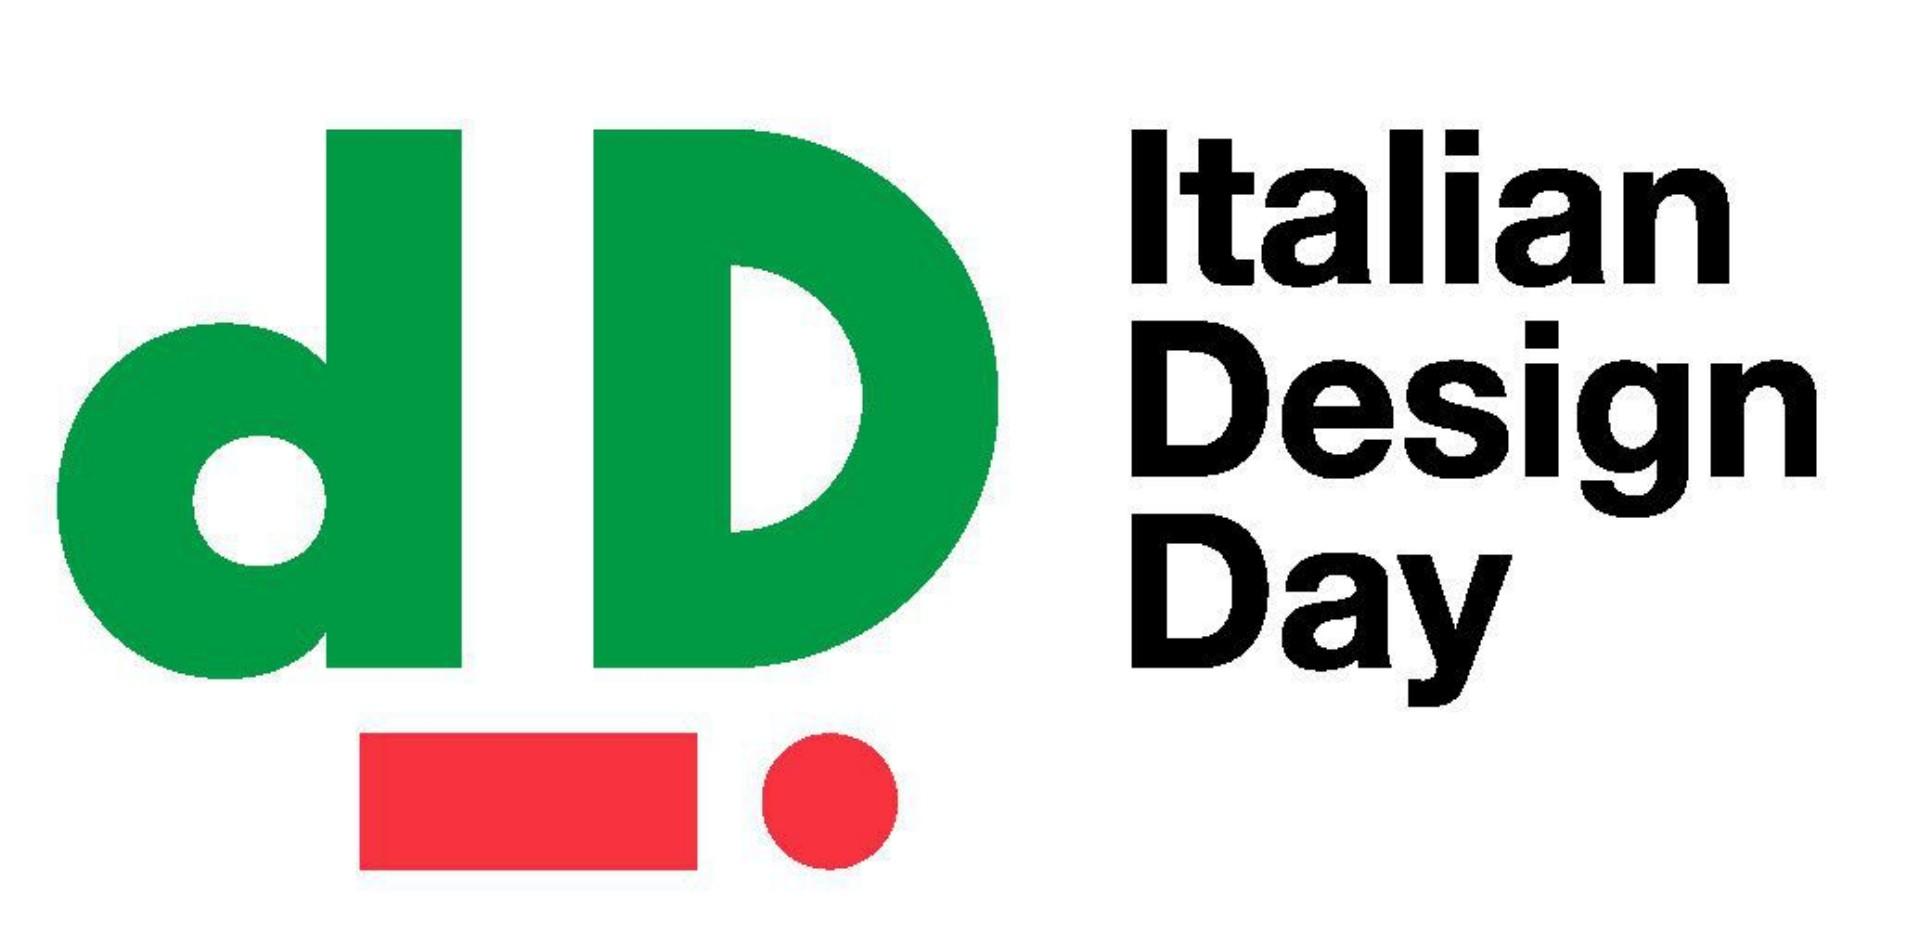 Italian Design Day 2018 Piuarch Ist Einer Der 100 Botschafter